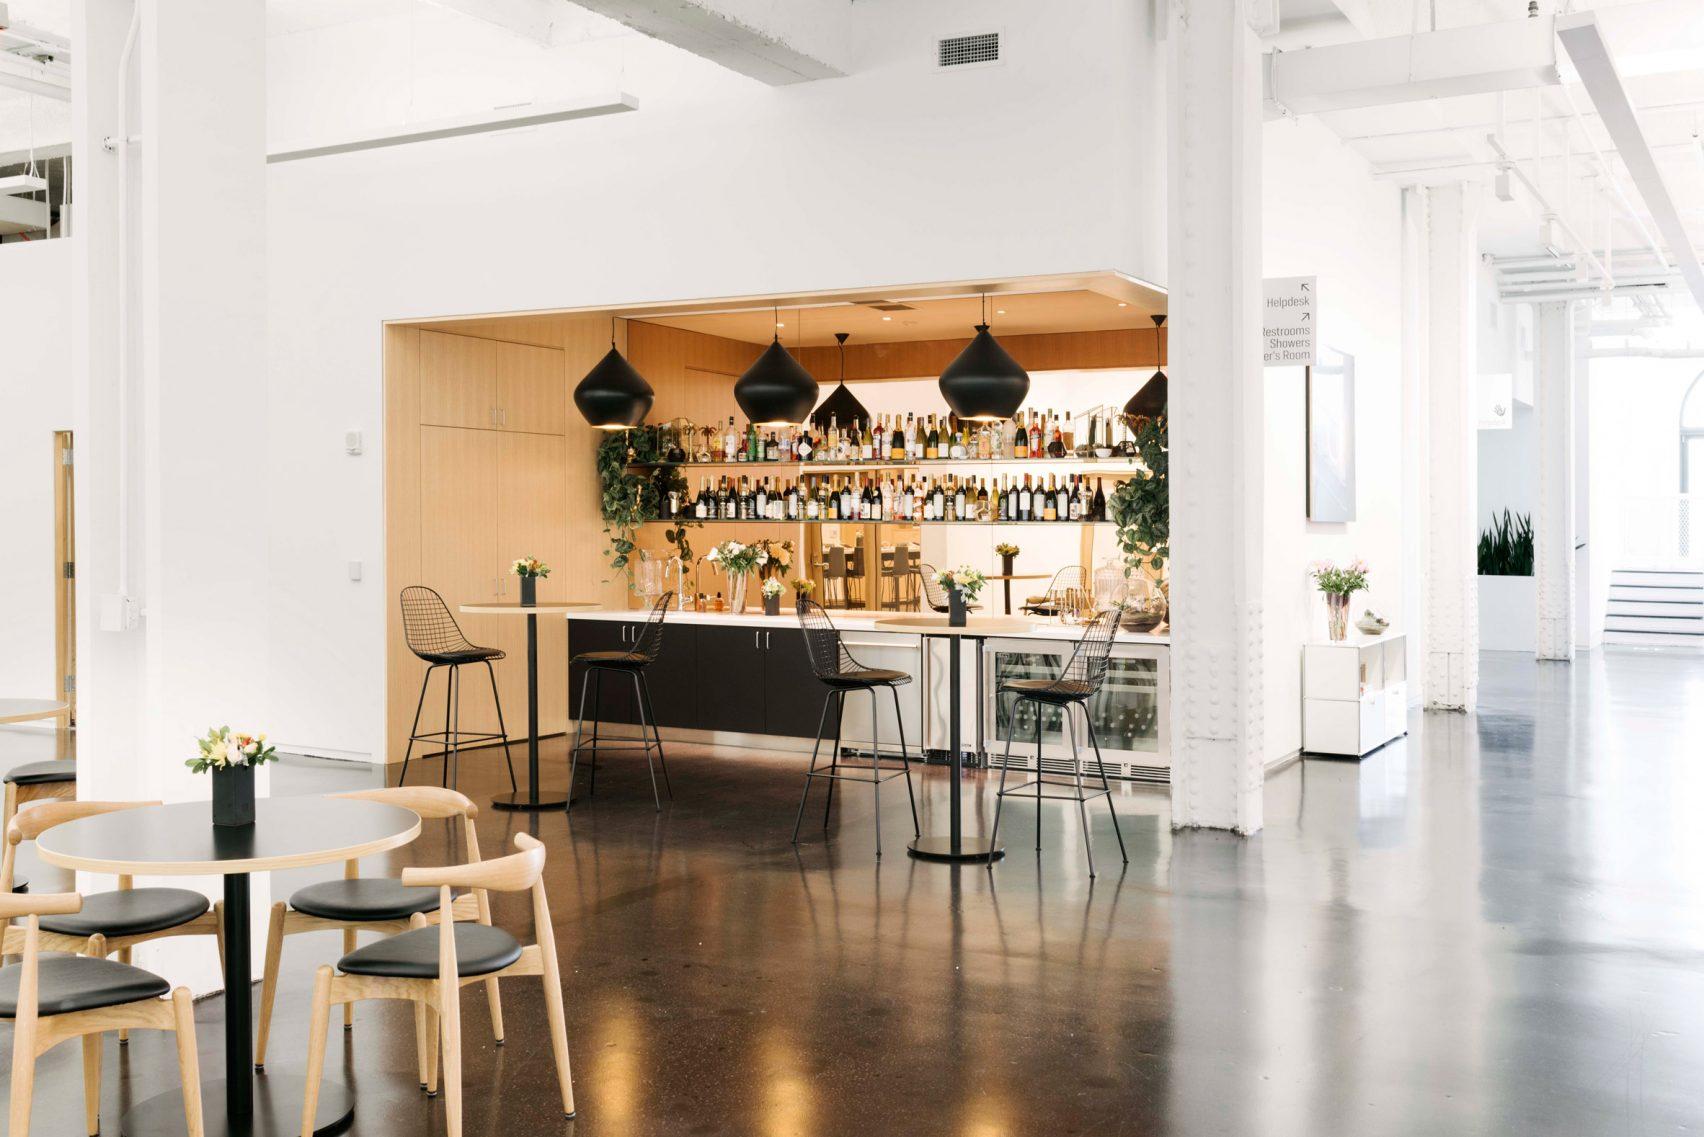 Ngắm văn phòng làm việc đẹp mê ly của Instagram, chỗ nào cũng có thể check in sống ảo